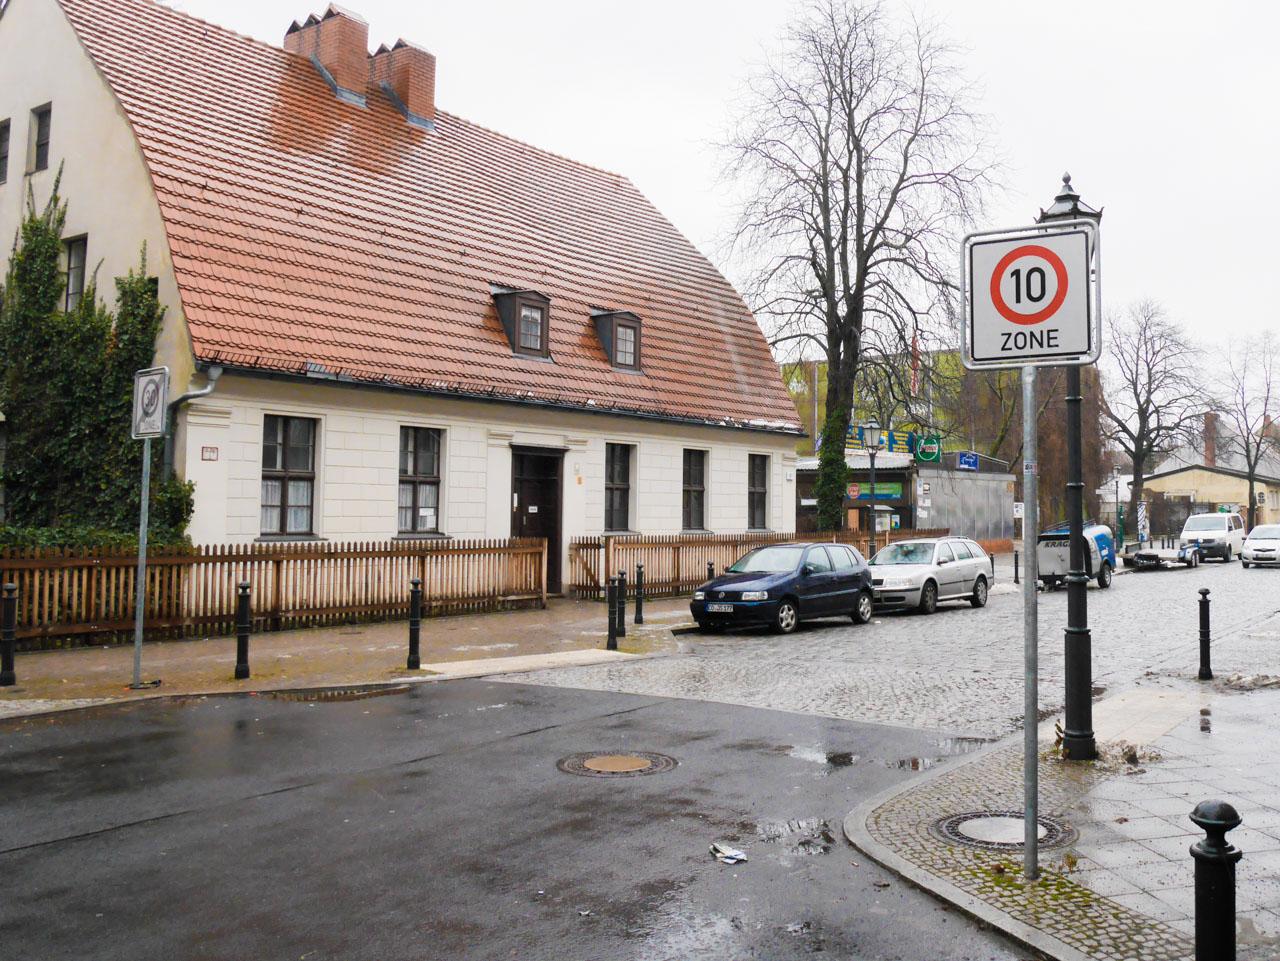 Quartier de Rixdorf à Berlin Neukölln